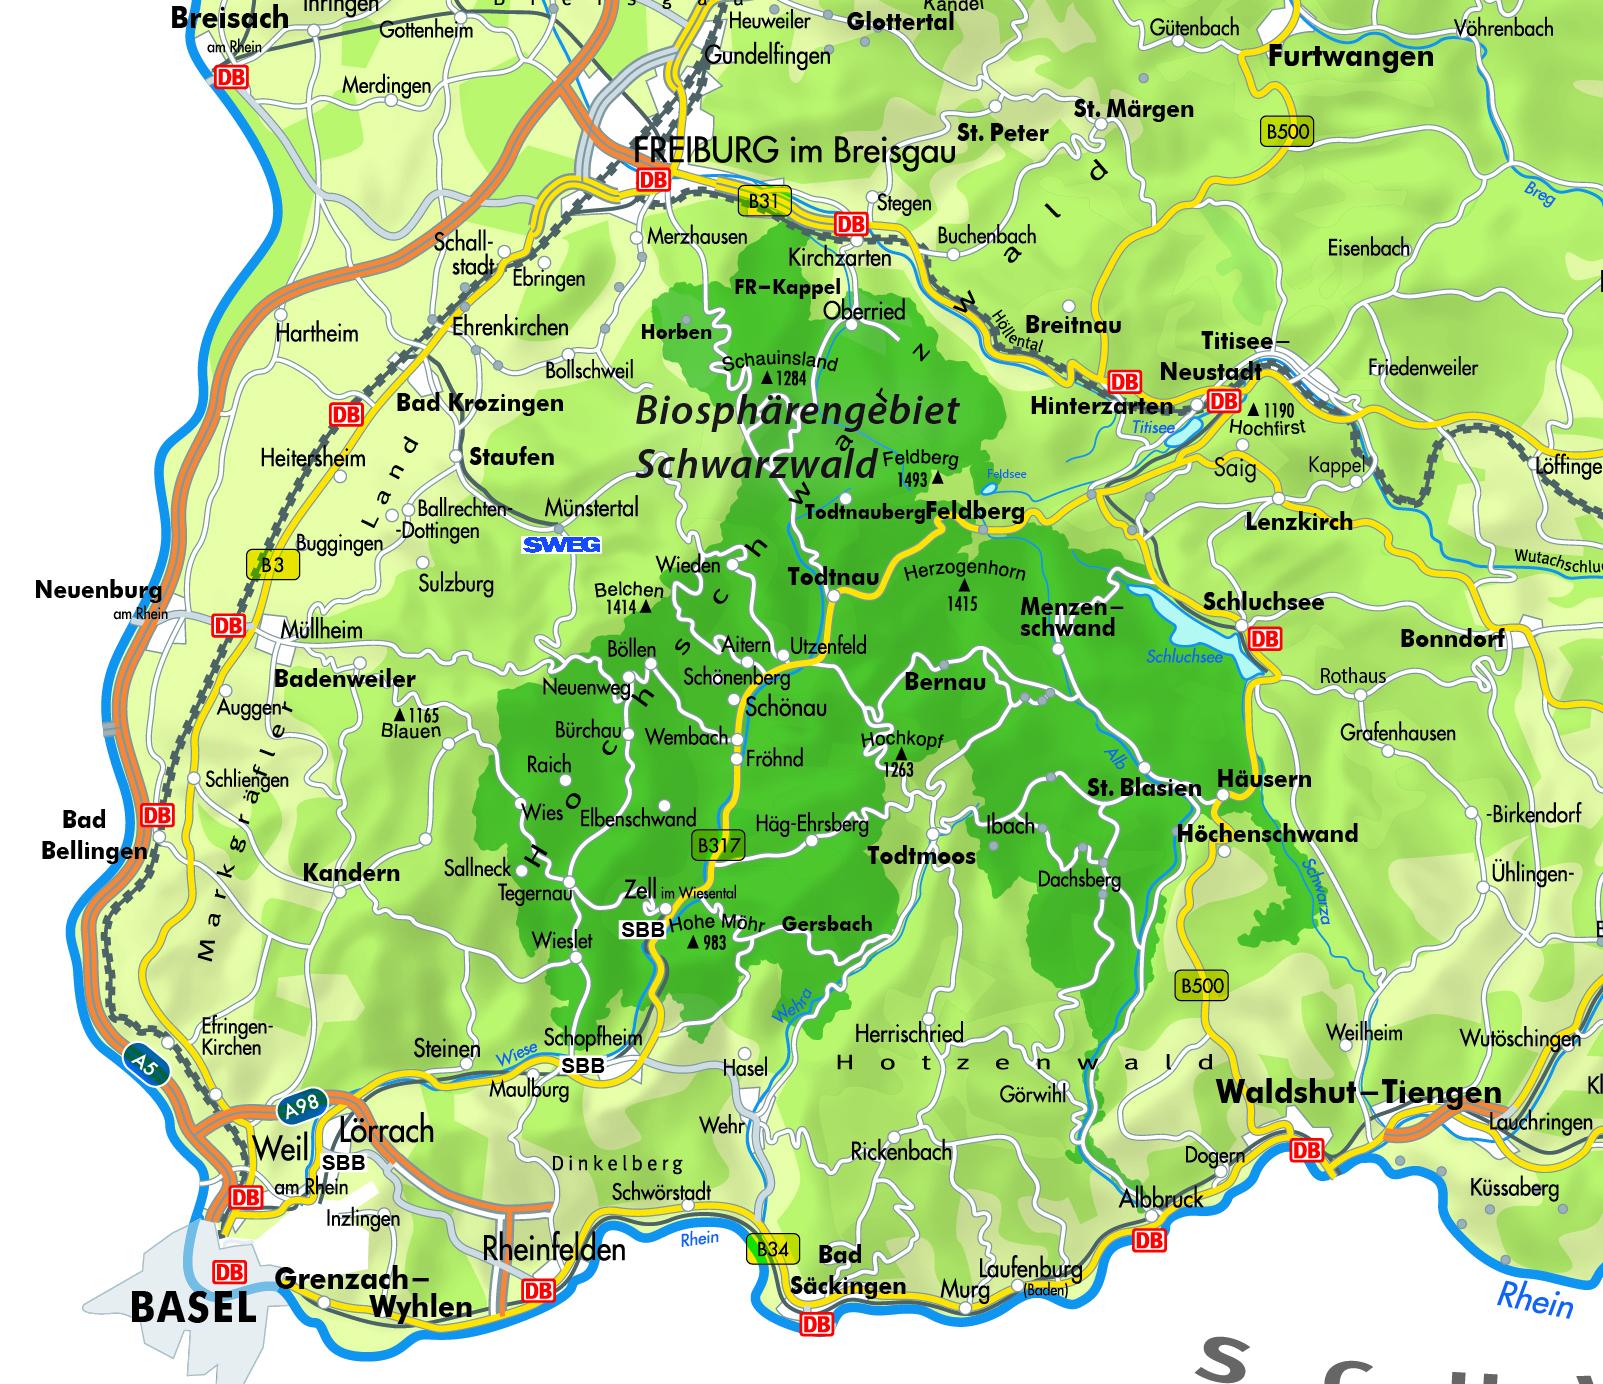 Karte Biosphärengebiet Südschwarzwald